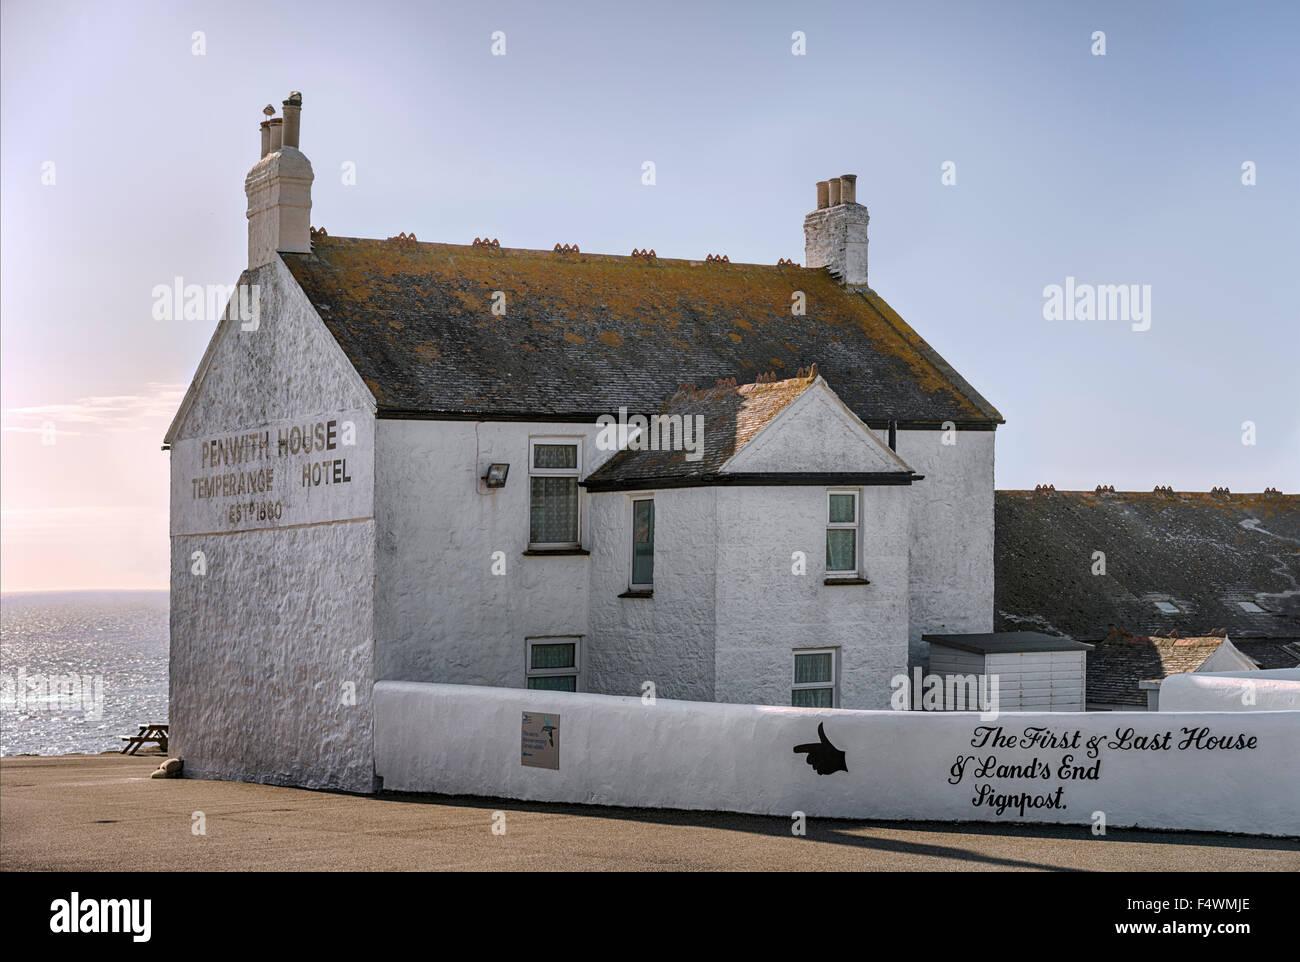 Penwith Haus, erste und letzte Gästehaus bei Lands End, Cornwall, England, UK Stockbild